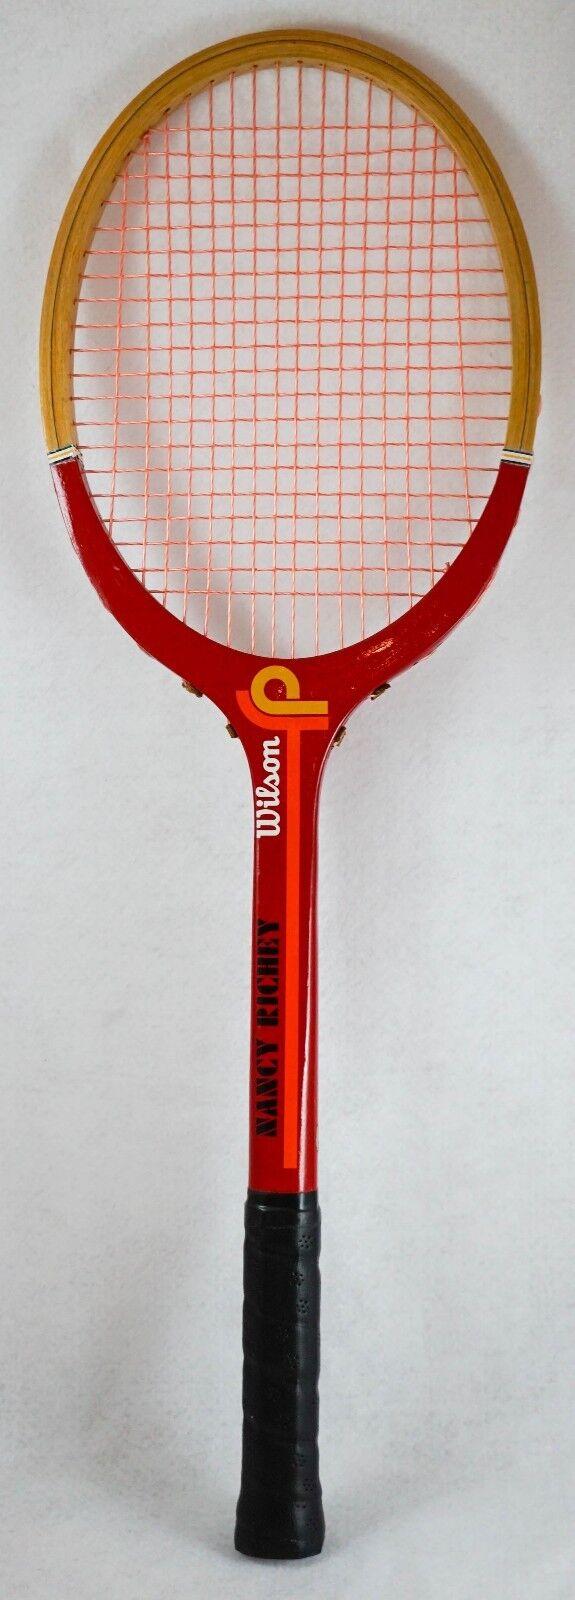 Vintage Wilson Nancy Richey madera tenis raqueta nuevo, sin usar 4 3 8 de agarre